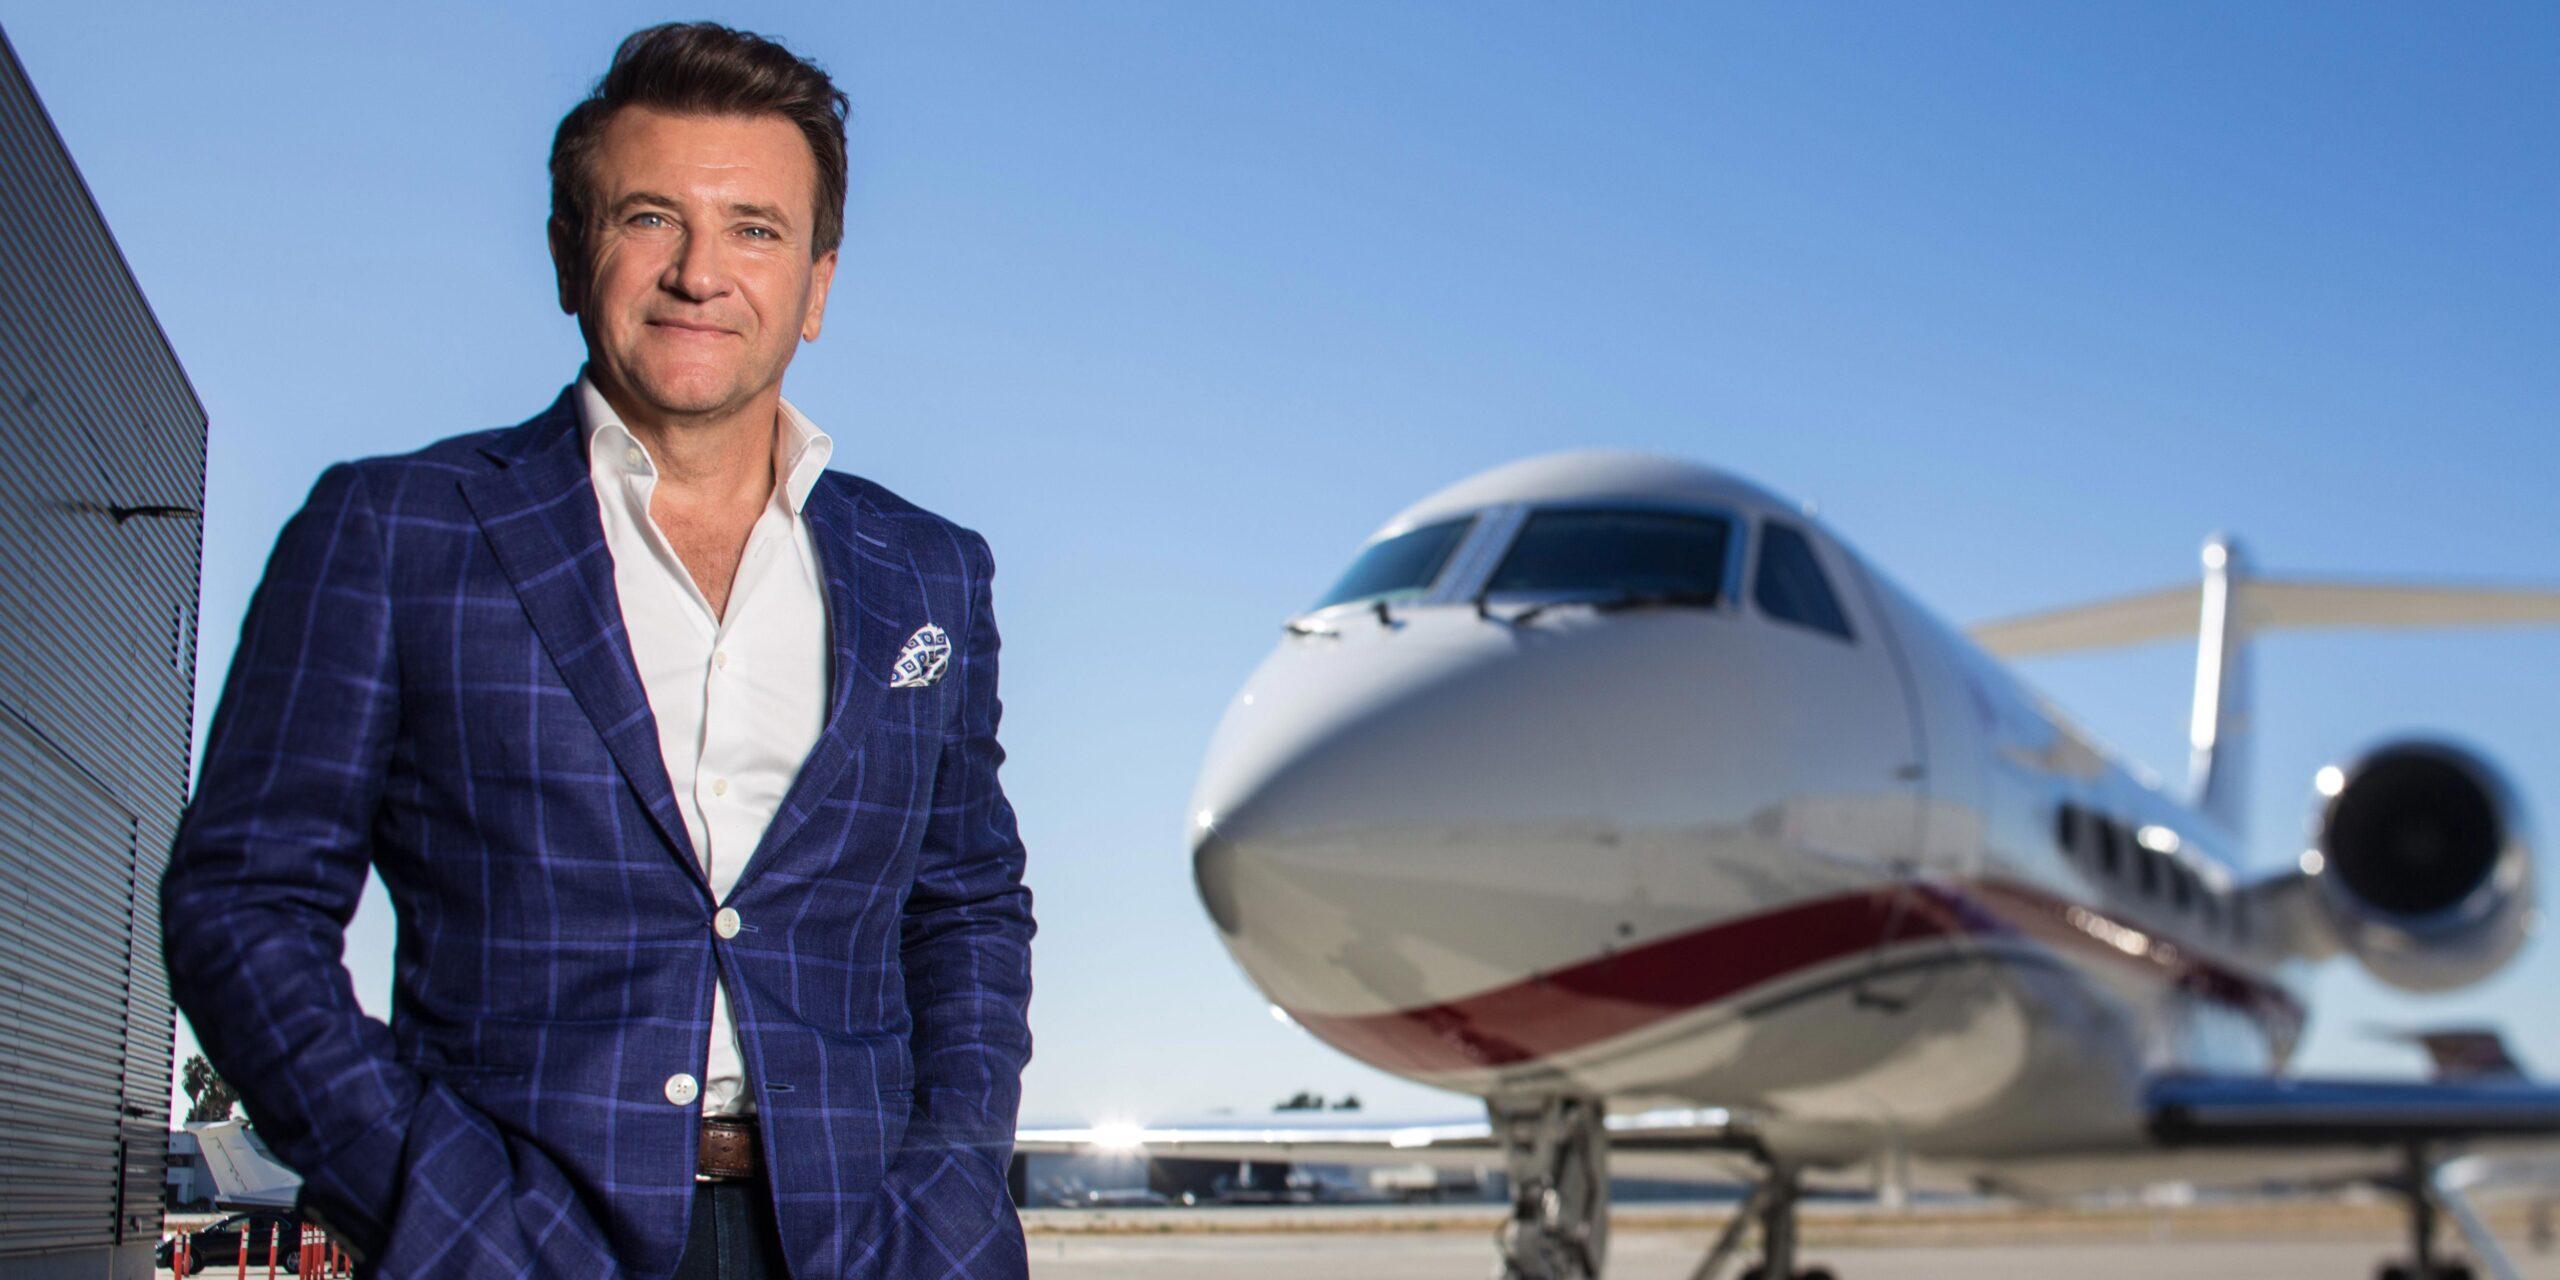 Robert Herjavec, girişimcilerin ürünlerini tanıttıkları Dragons' Den ve Shark Tank adlı programların yatırımcı jüri üyelerinden biridir.